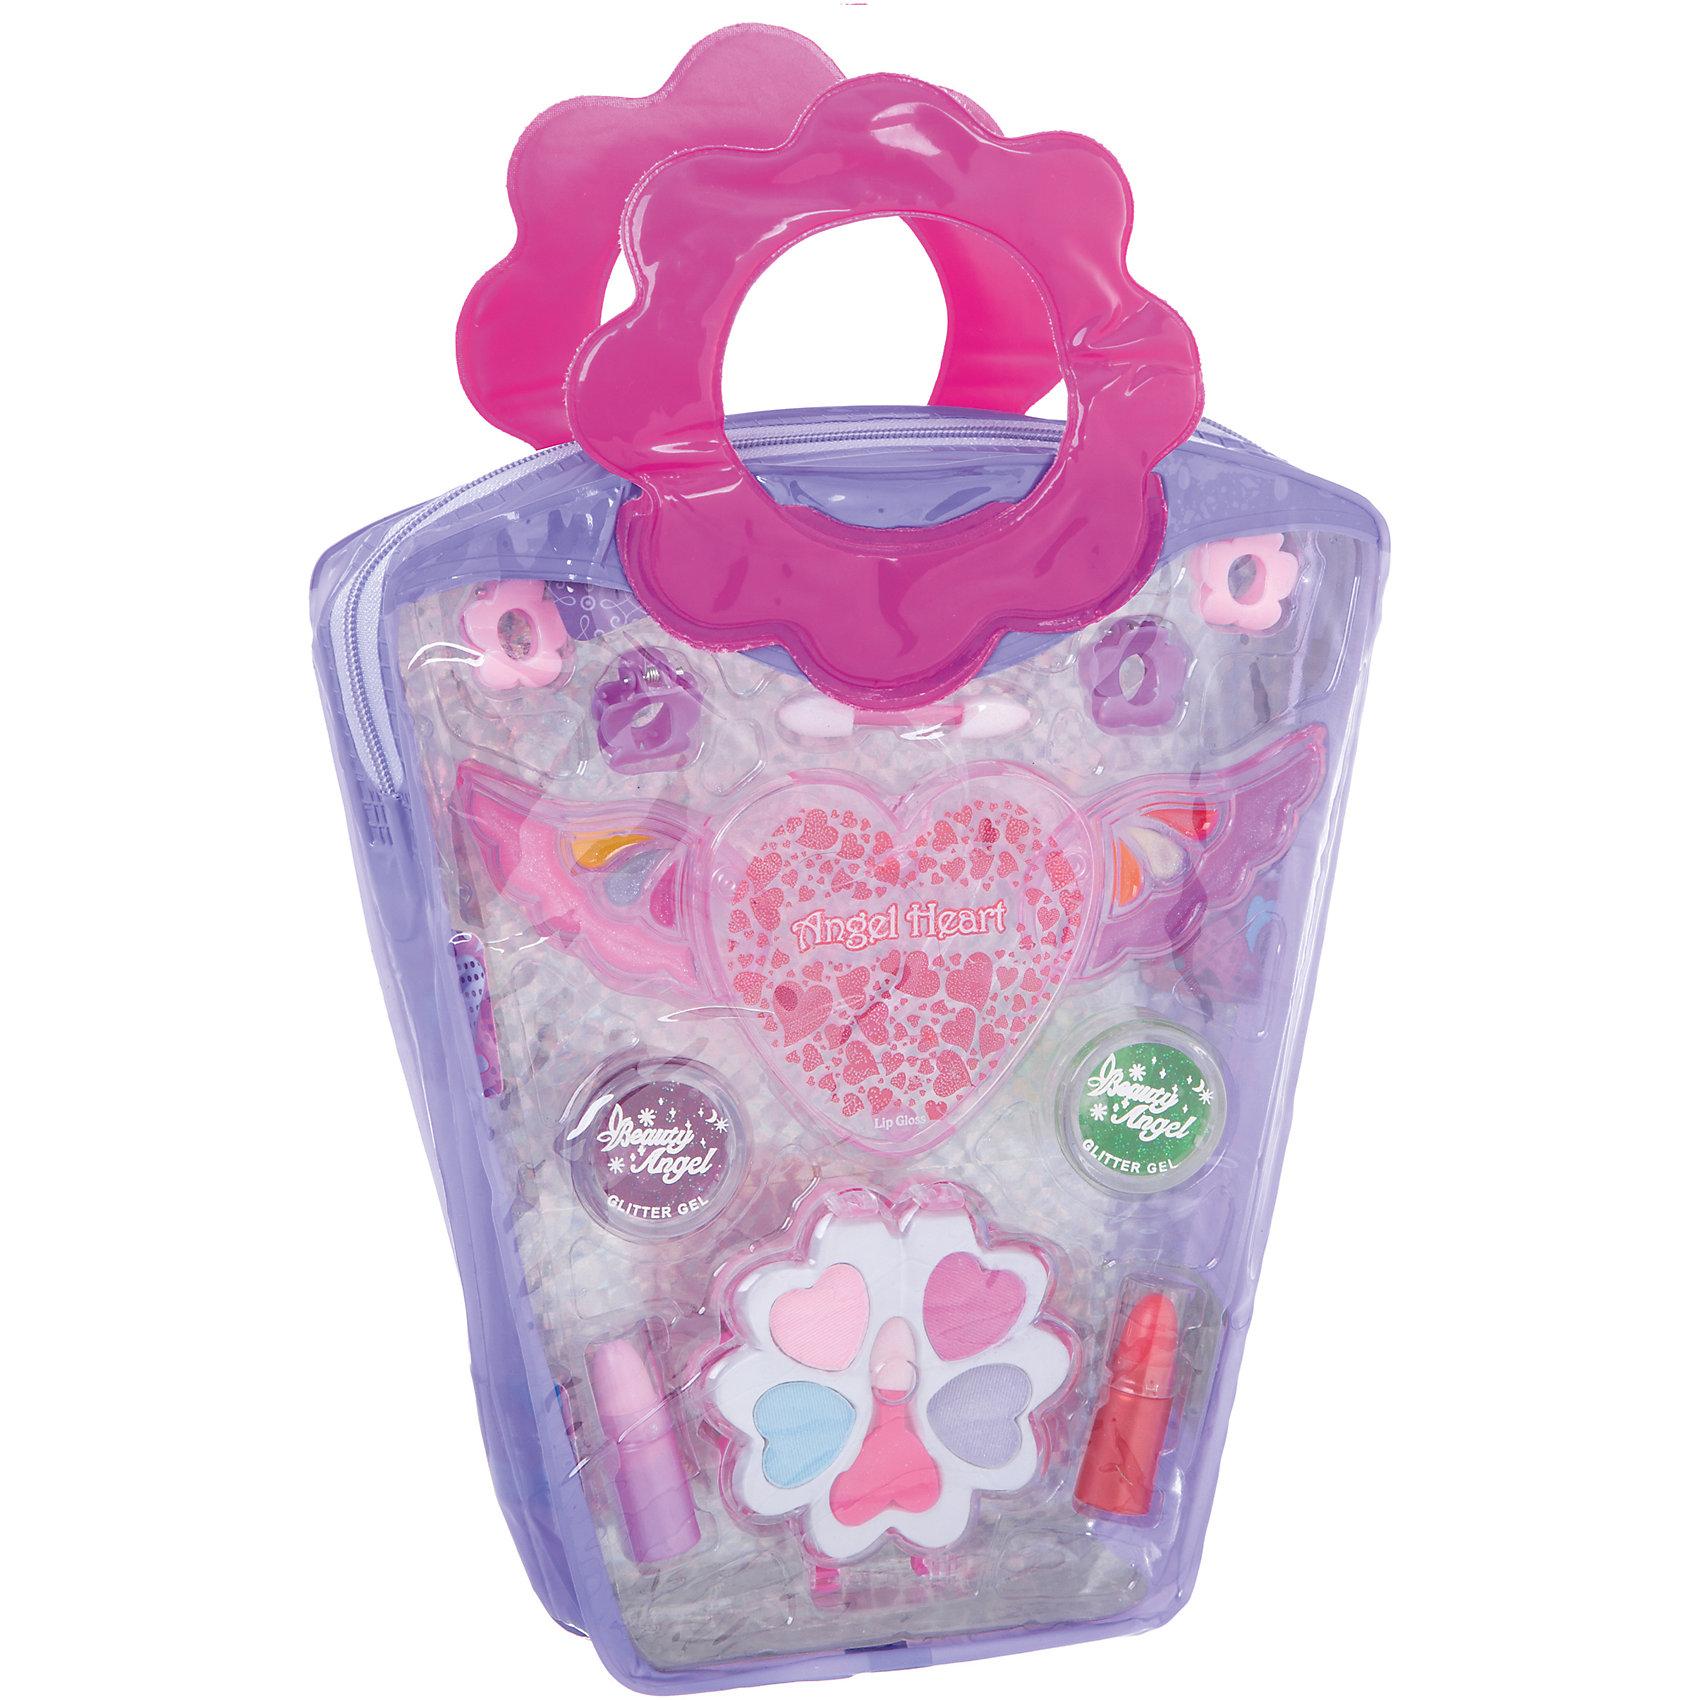 Детская декоративная косметика Тени для век Eva ModaКосметика, грим и парфюмерия<br>Характеристики товара:<br><br>• материал: косметические ингредиенты, пластик<br>• размер упаковки: 19x28х4 см<br>• упаковка: сумочка<br>• комплектация: 4 оттенка теней для век, 2 аппликатора, 2 помады, 8 блесков для губ, 2 геля-блеска, 4 заколки<br>• декоративная косметика<br>• возраст: от пяти лет<br>• страна бренда: Бельгия<br>• страна производства: Китай<br><br>Научить девочку пользоватться косметикой и весело провести время поможет этот комплект! Набор состоит из теней для век, помады, аппликаторов и т.д., с их помощью можно сделать различные варианты макияжа. <br>Косметика качественно выполнена, сделана из безопасного для детей сырья. Подобное занятие помогает привить детям вкус, лучше развить мелкую моторику, память, внимание, аккуратность и мышление. Детям полезно такое занятие - они развивают свои способности и начинают верить в свои силы! Отличный подарок для ребенка.<br><br>Детскую декоративную косметику Тени для век Eva Moda Bondibon можно купить в нашем интернет-магазине.<br><br>Ширина мм: 190<br>Глубина мм: 40<br>Высота мм: 285<br>Вес г: 140<br>Возраст от месяцев: 60<br>Возраст до месяцев: 192<br>Пол: Женский<br>Возраст: Детский<br>SKU: 5273316